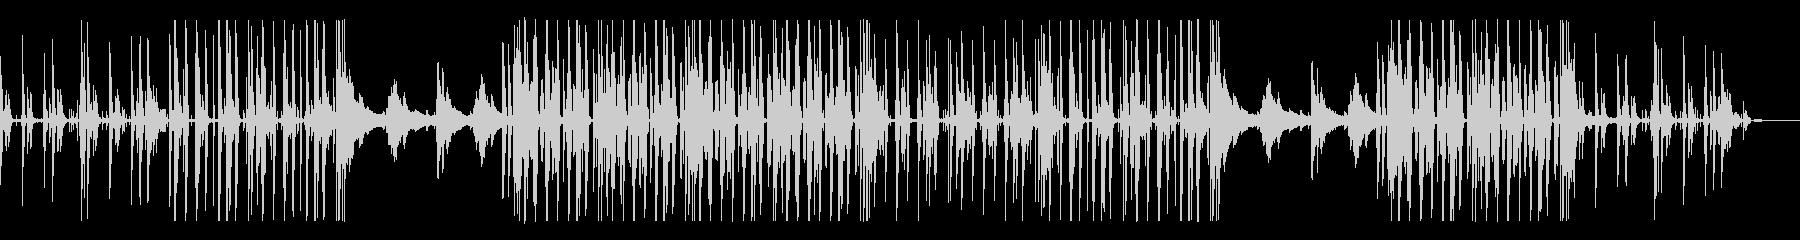 チルアウト、オシャレ、近未来的なBGMの未再生の波形